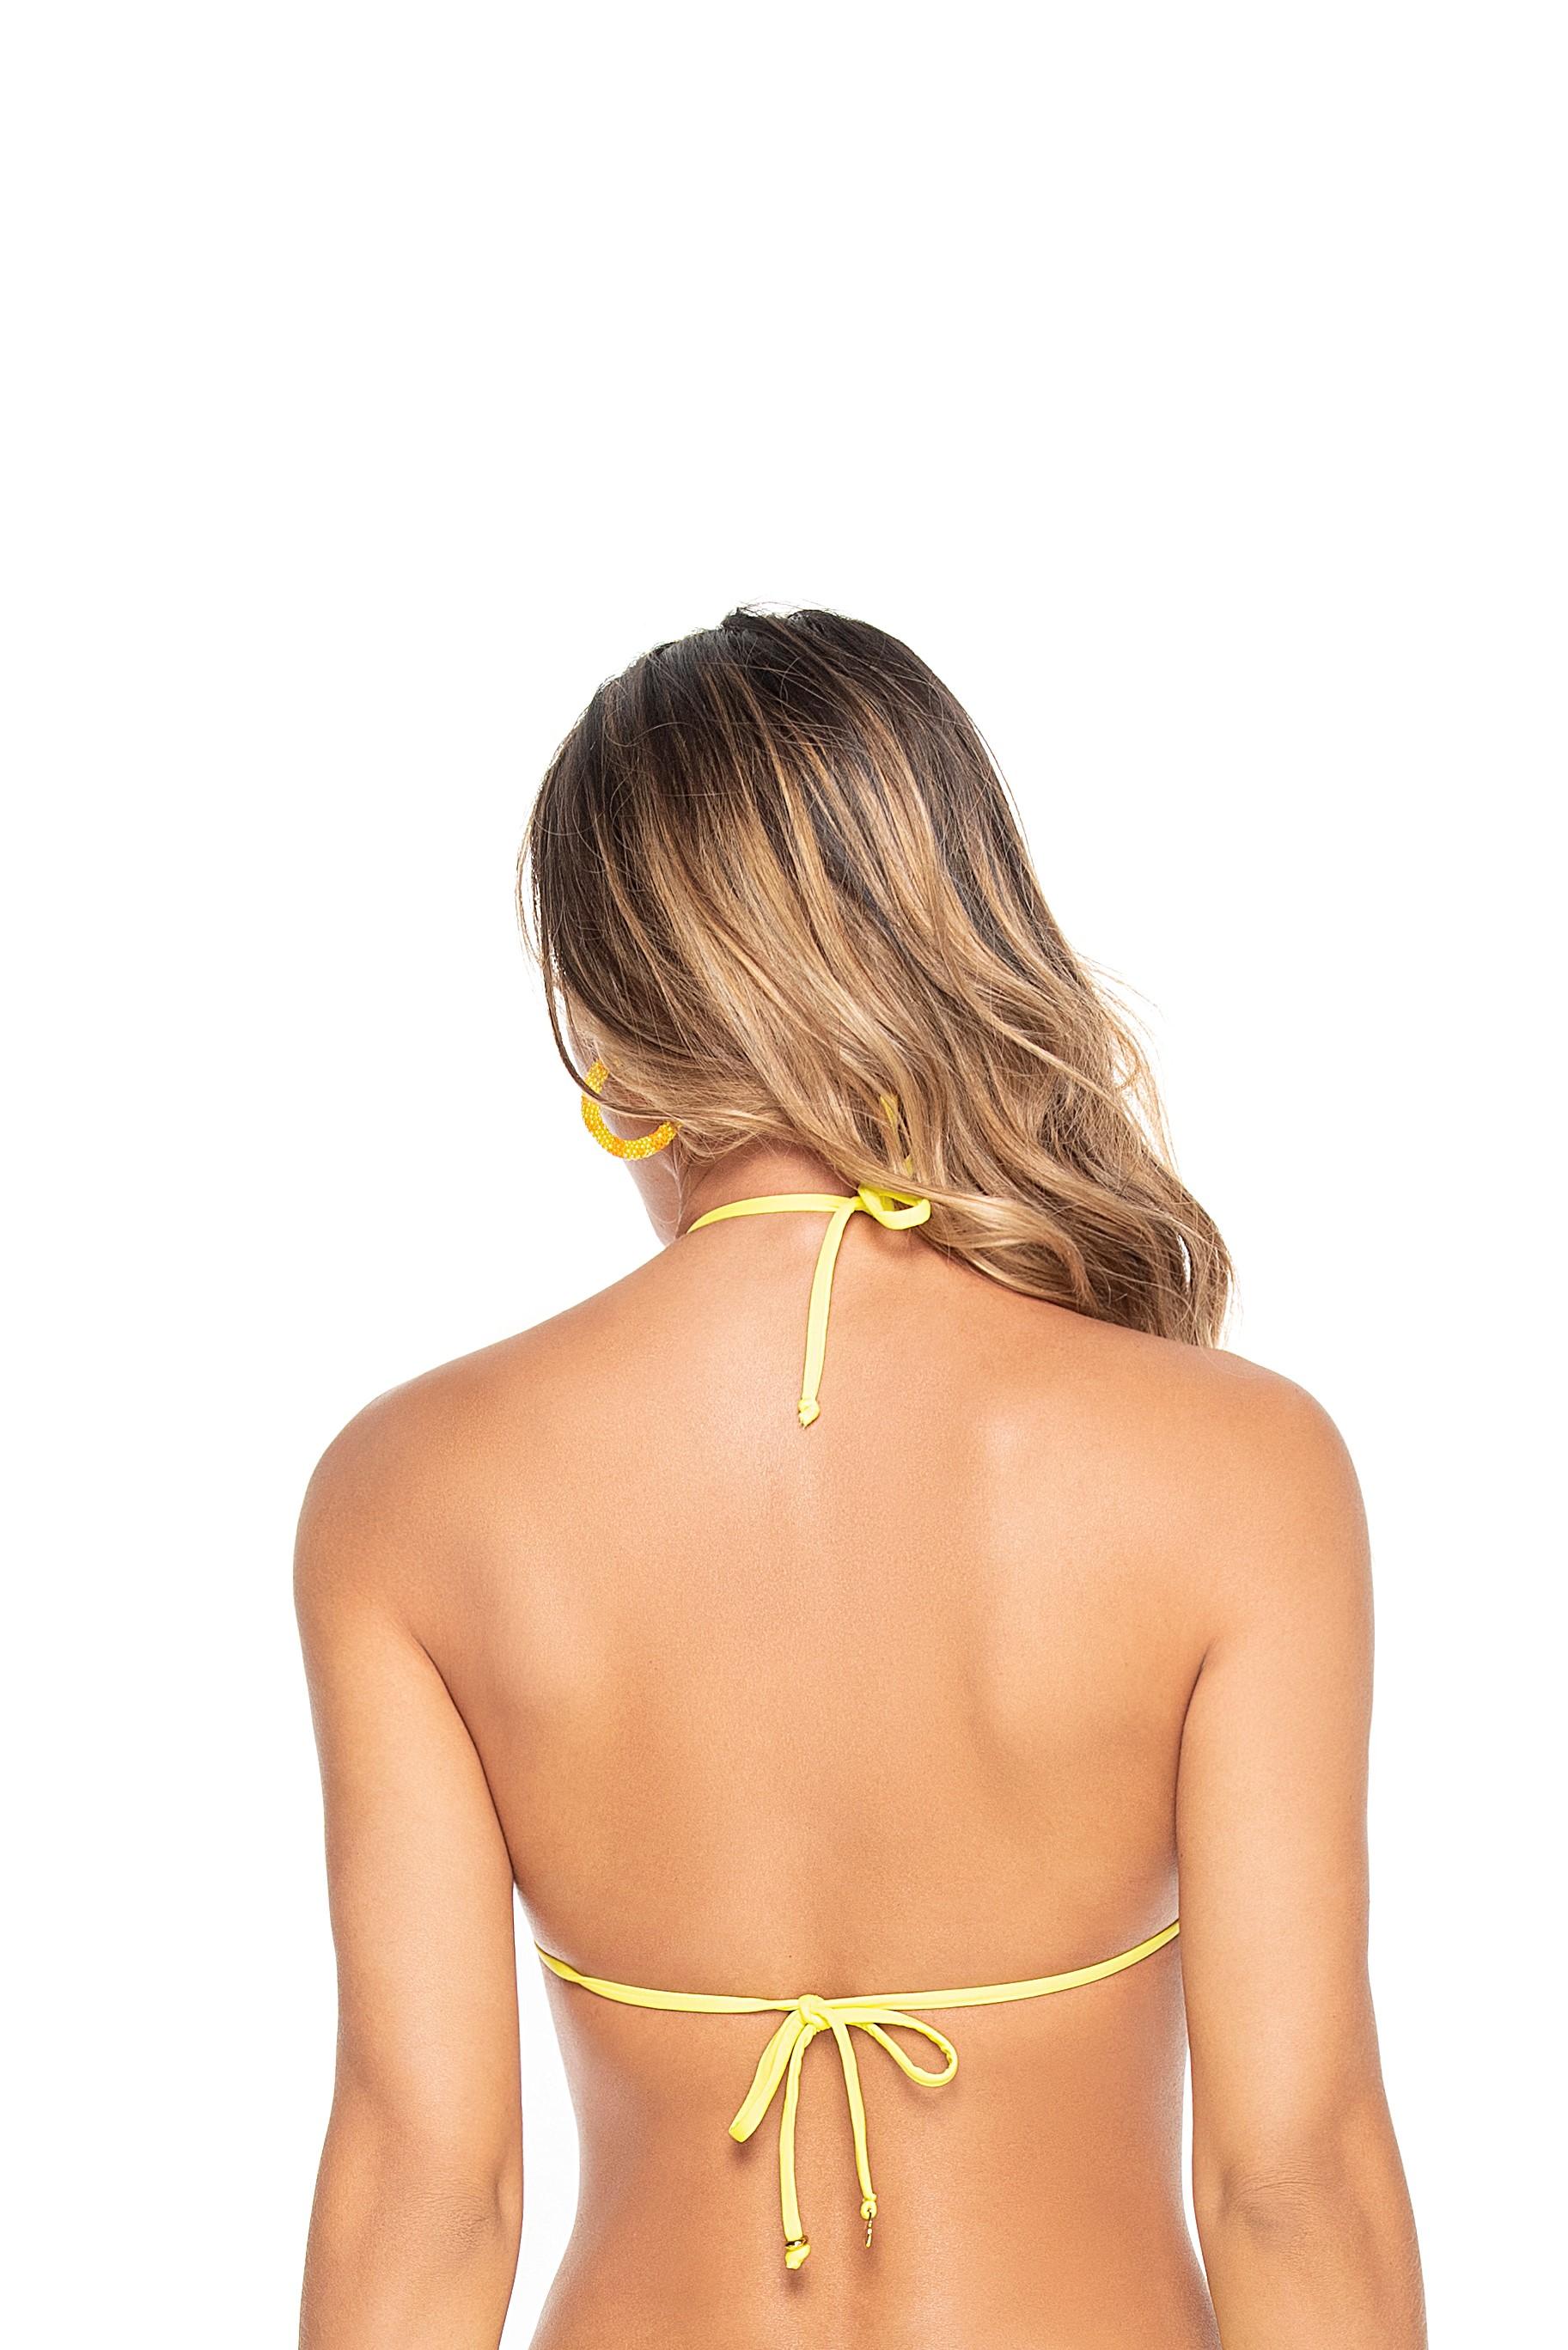 Phax Mimosa Gele Triangel Bikini Top